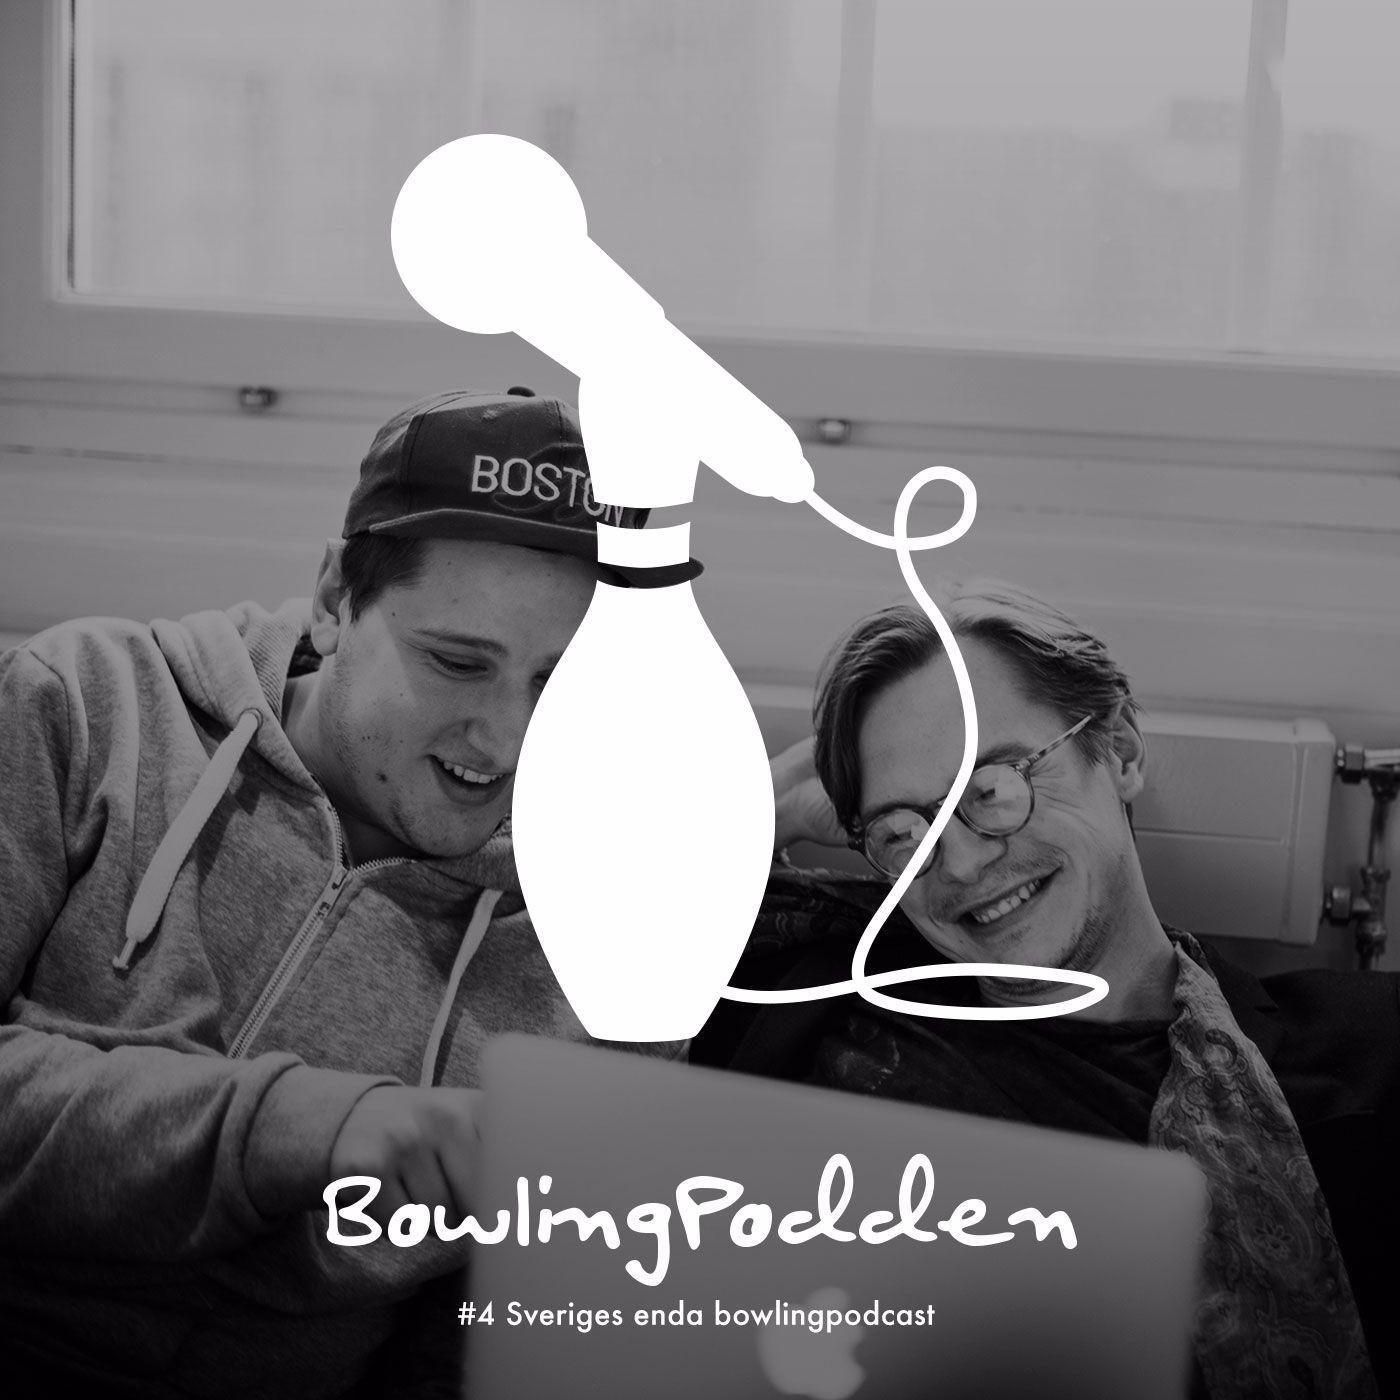 #4 Sveriges enda bowlingpodcast